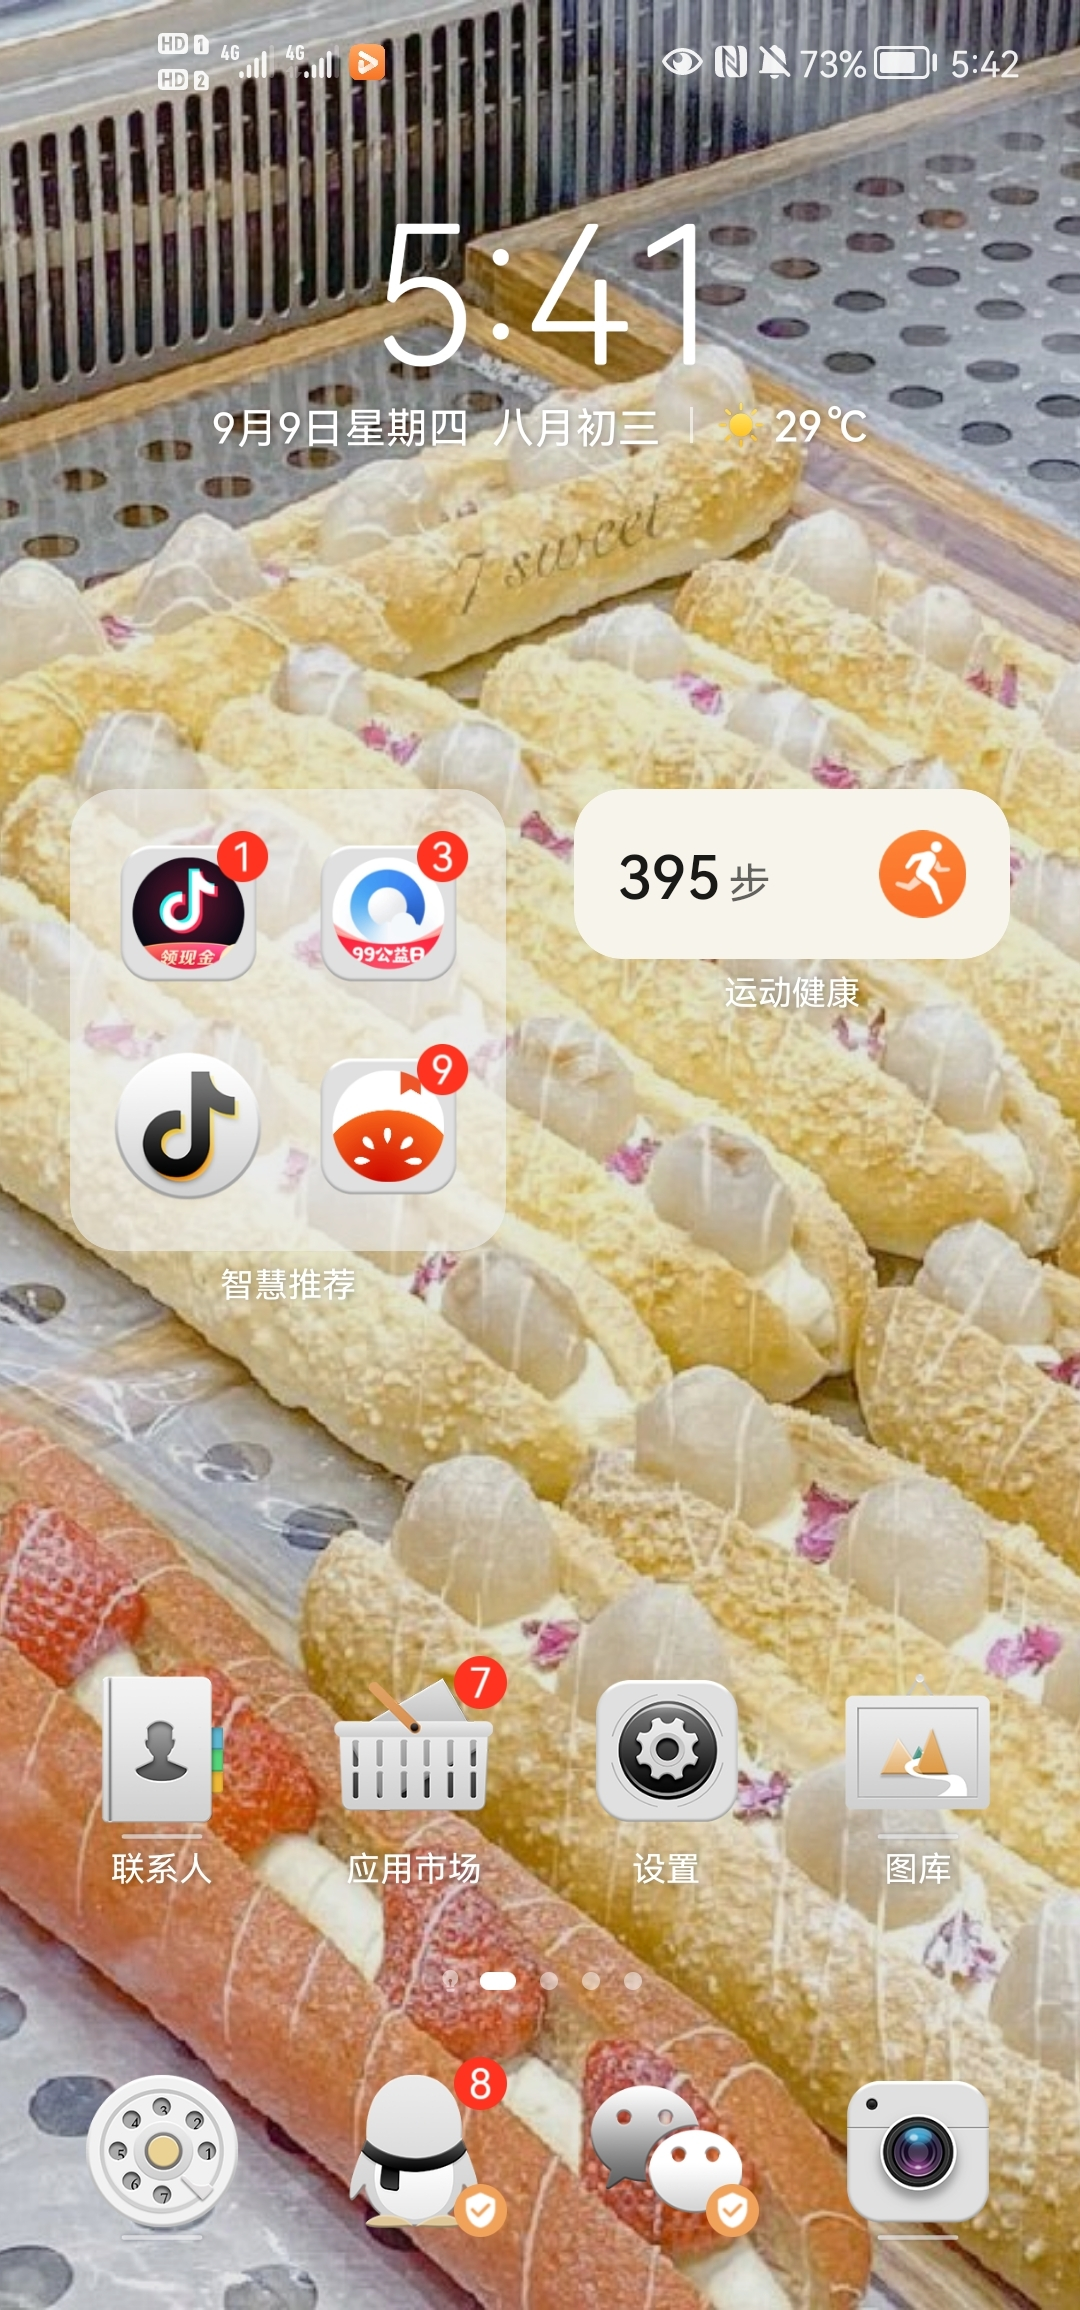 Screenshot_20210909_174200_com.huawei.android.launcher.jpg